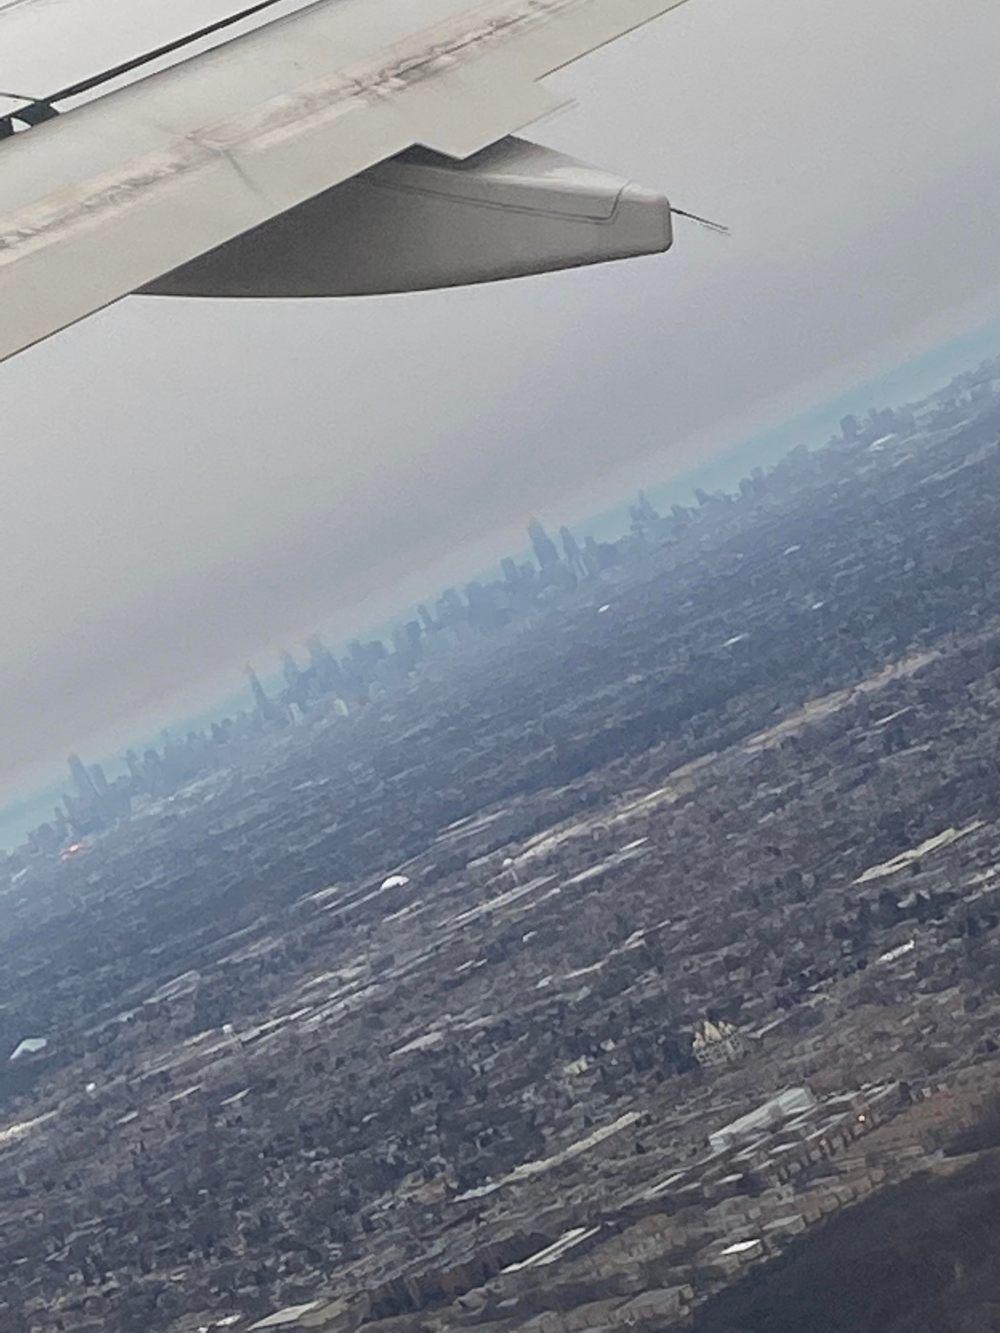 Plane Picture 1